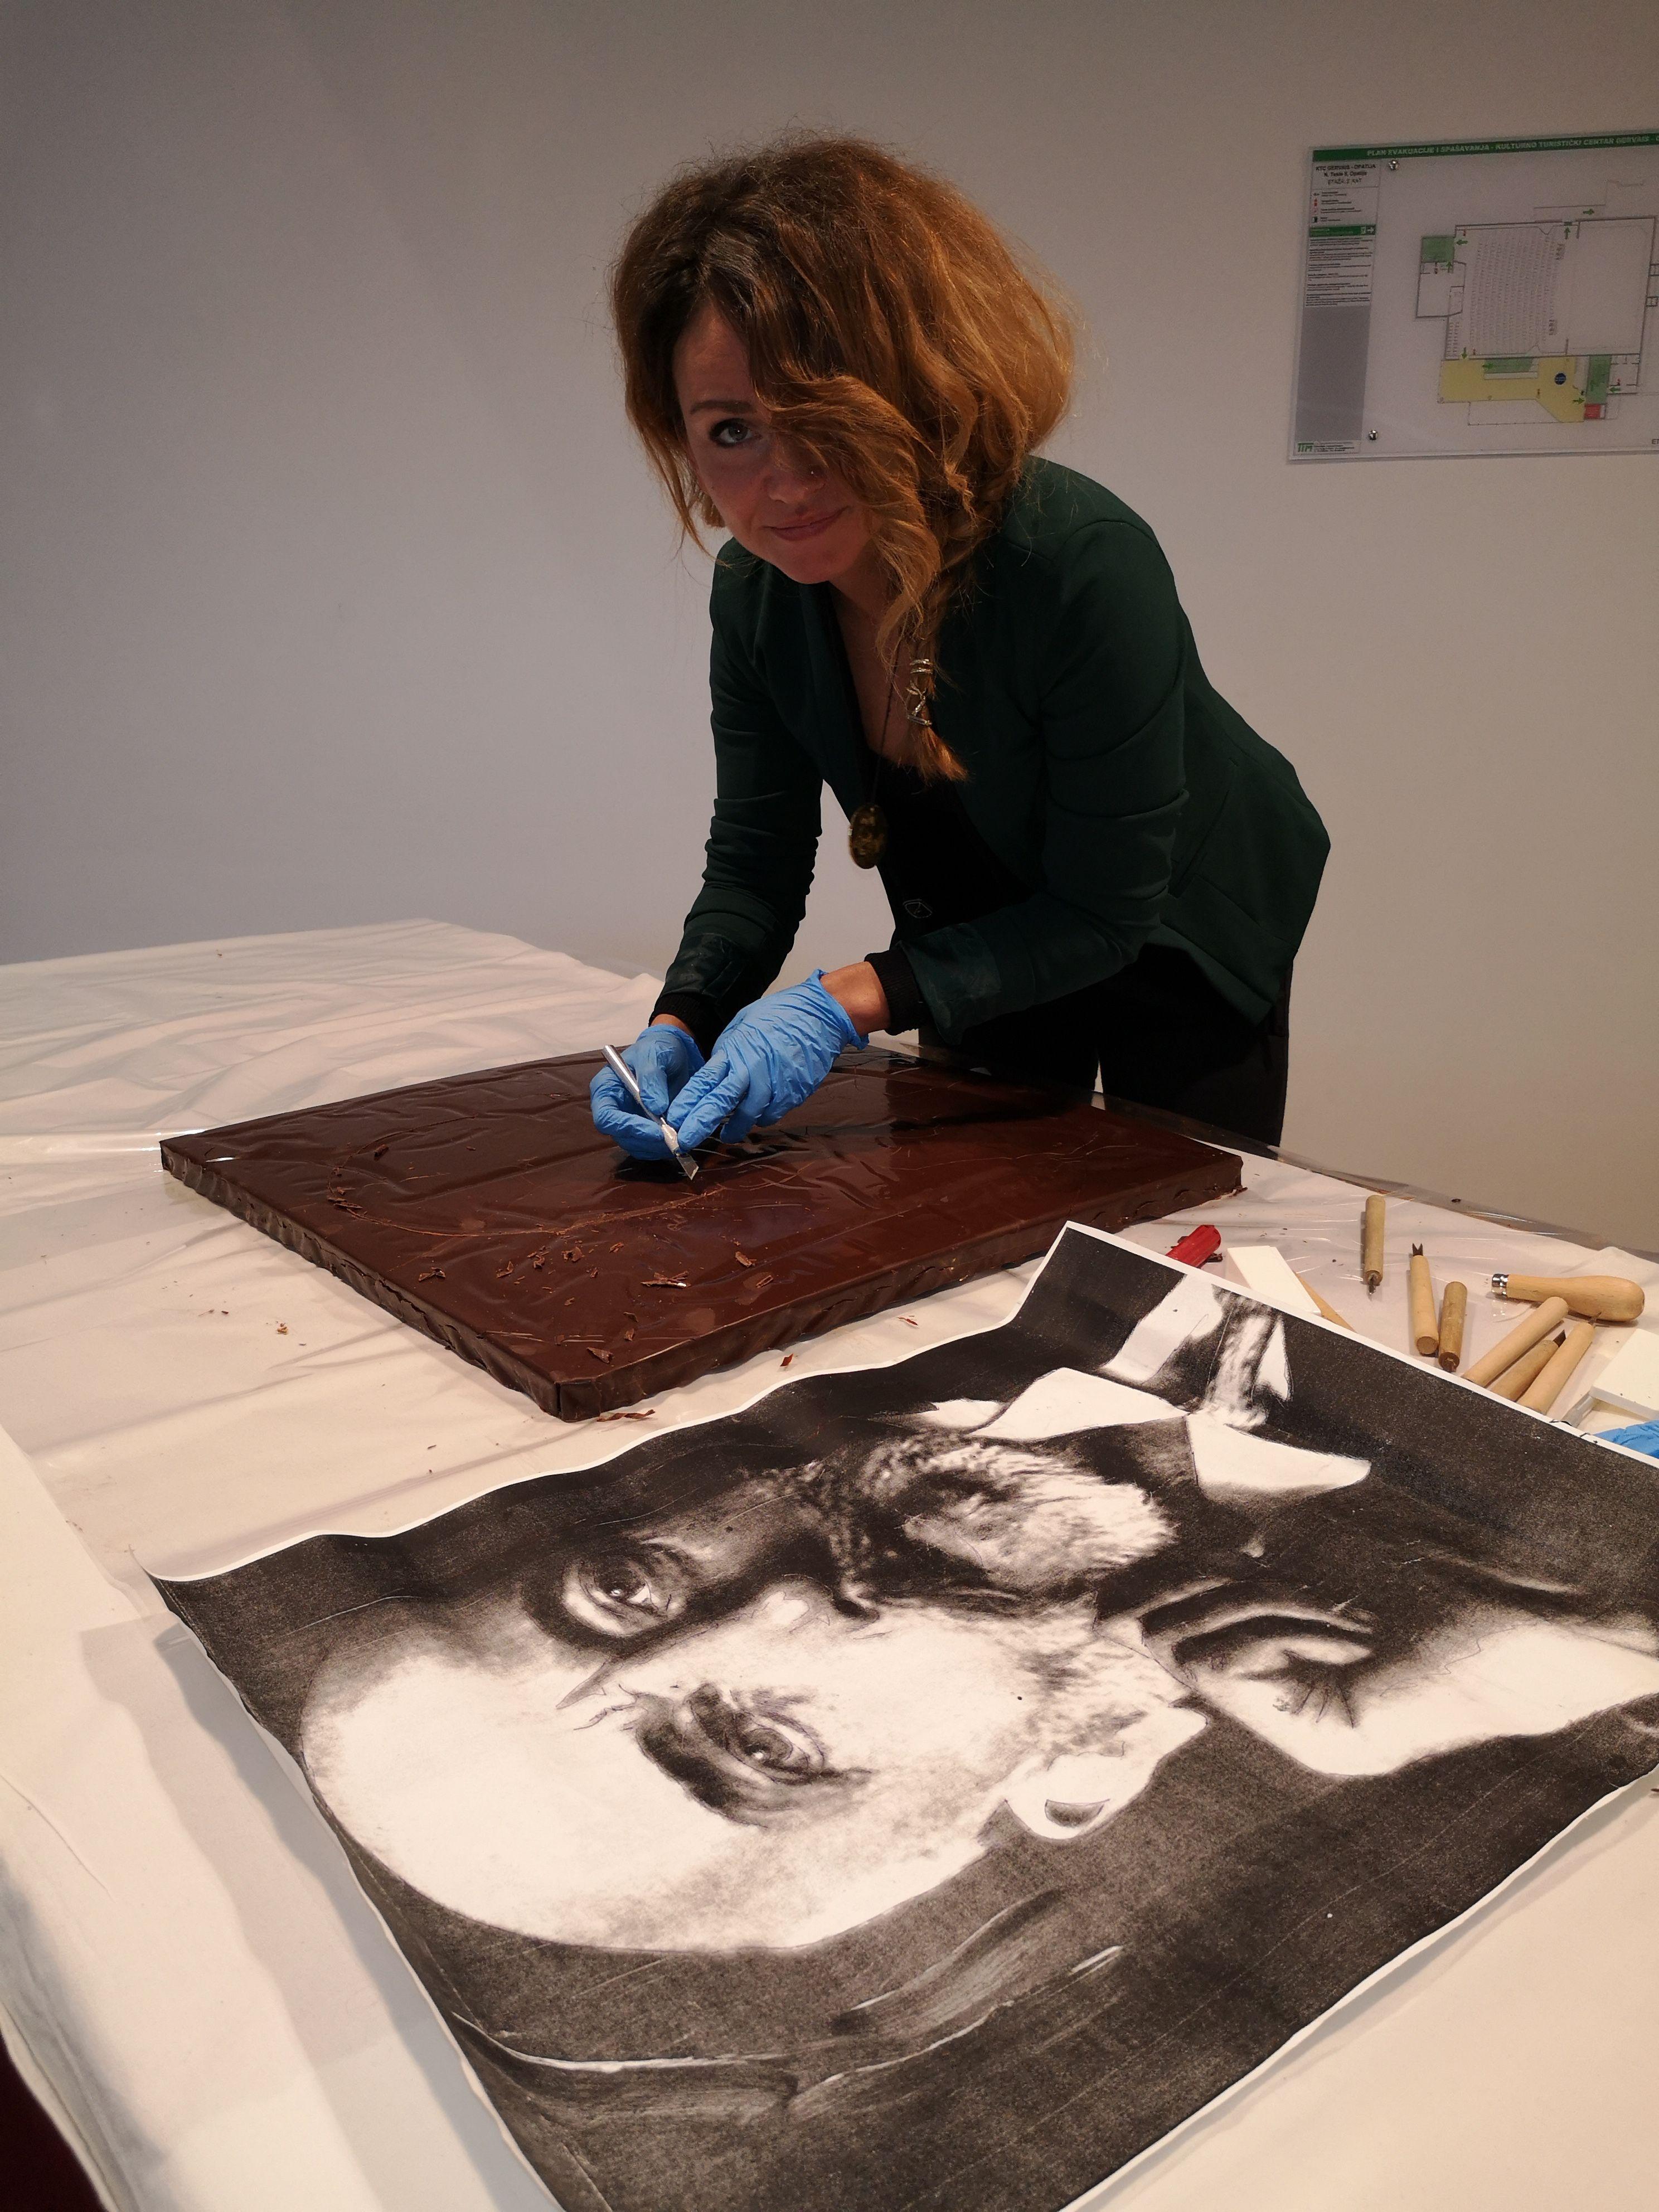 Umjetnica Georgette Yvette Ponte rezbari lik Andrije Mohorovičića u čokoladnoj ploči / Snimila Marina KIRIGIN